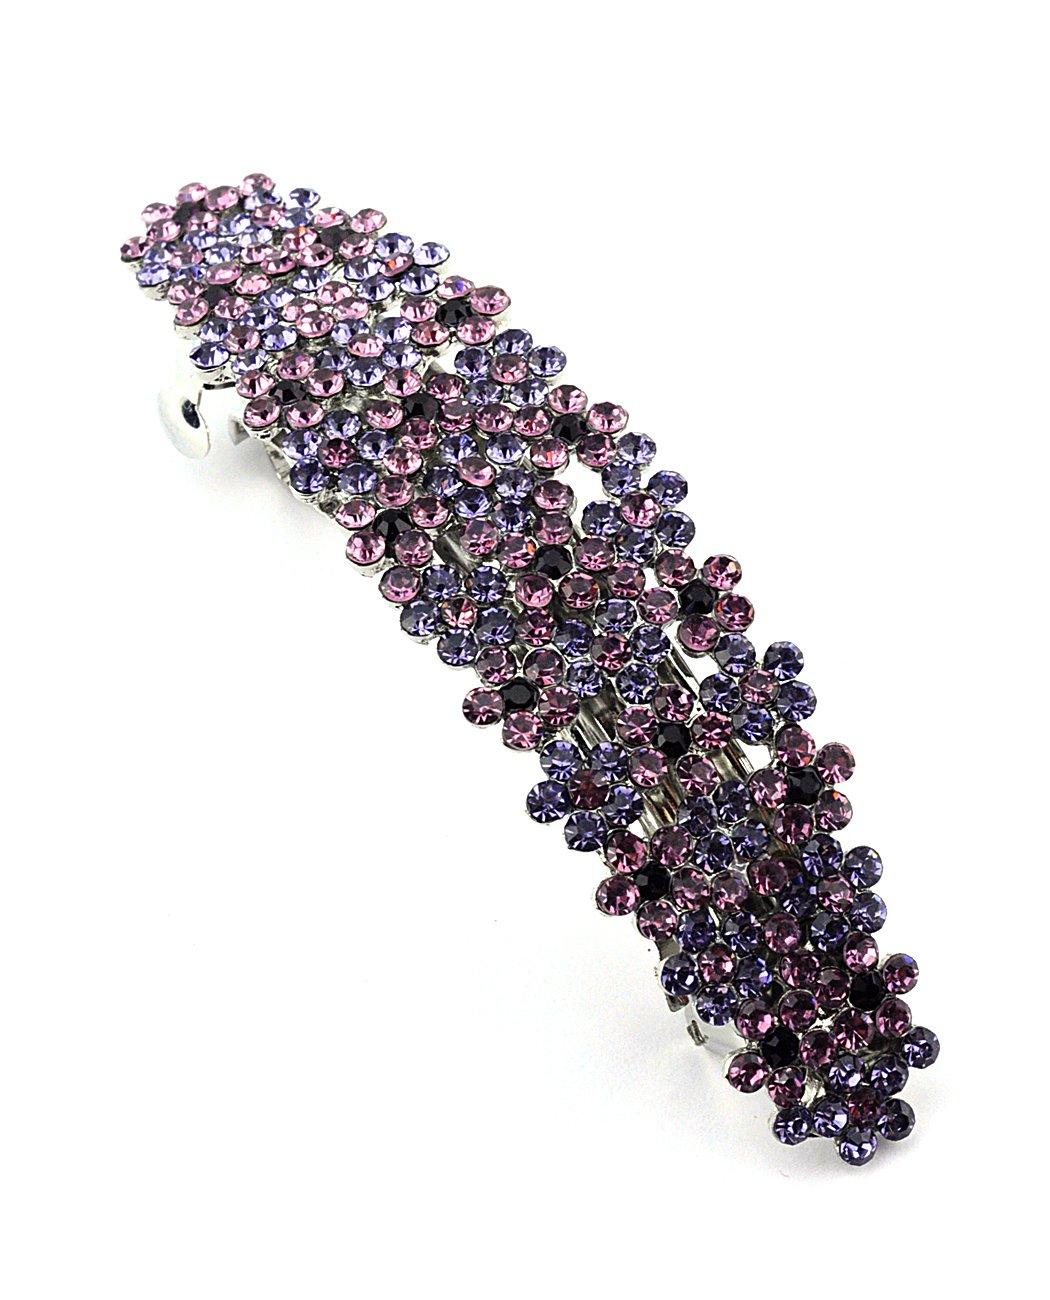 Women's Rhinestone Metal Hair Barrette Clip Hair Pin Antique Silver IMB2113, Purple